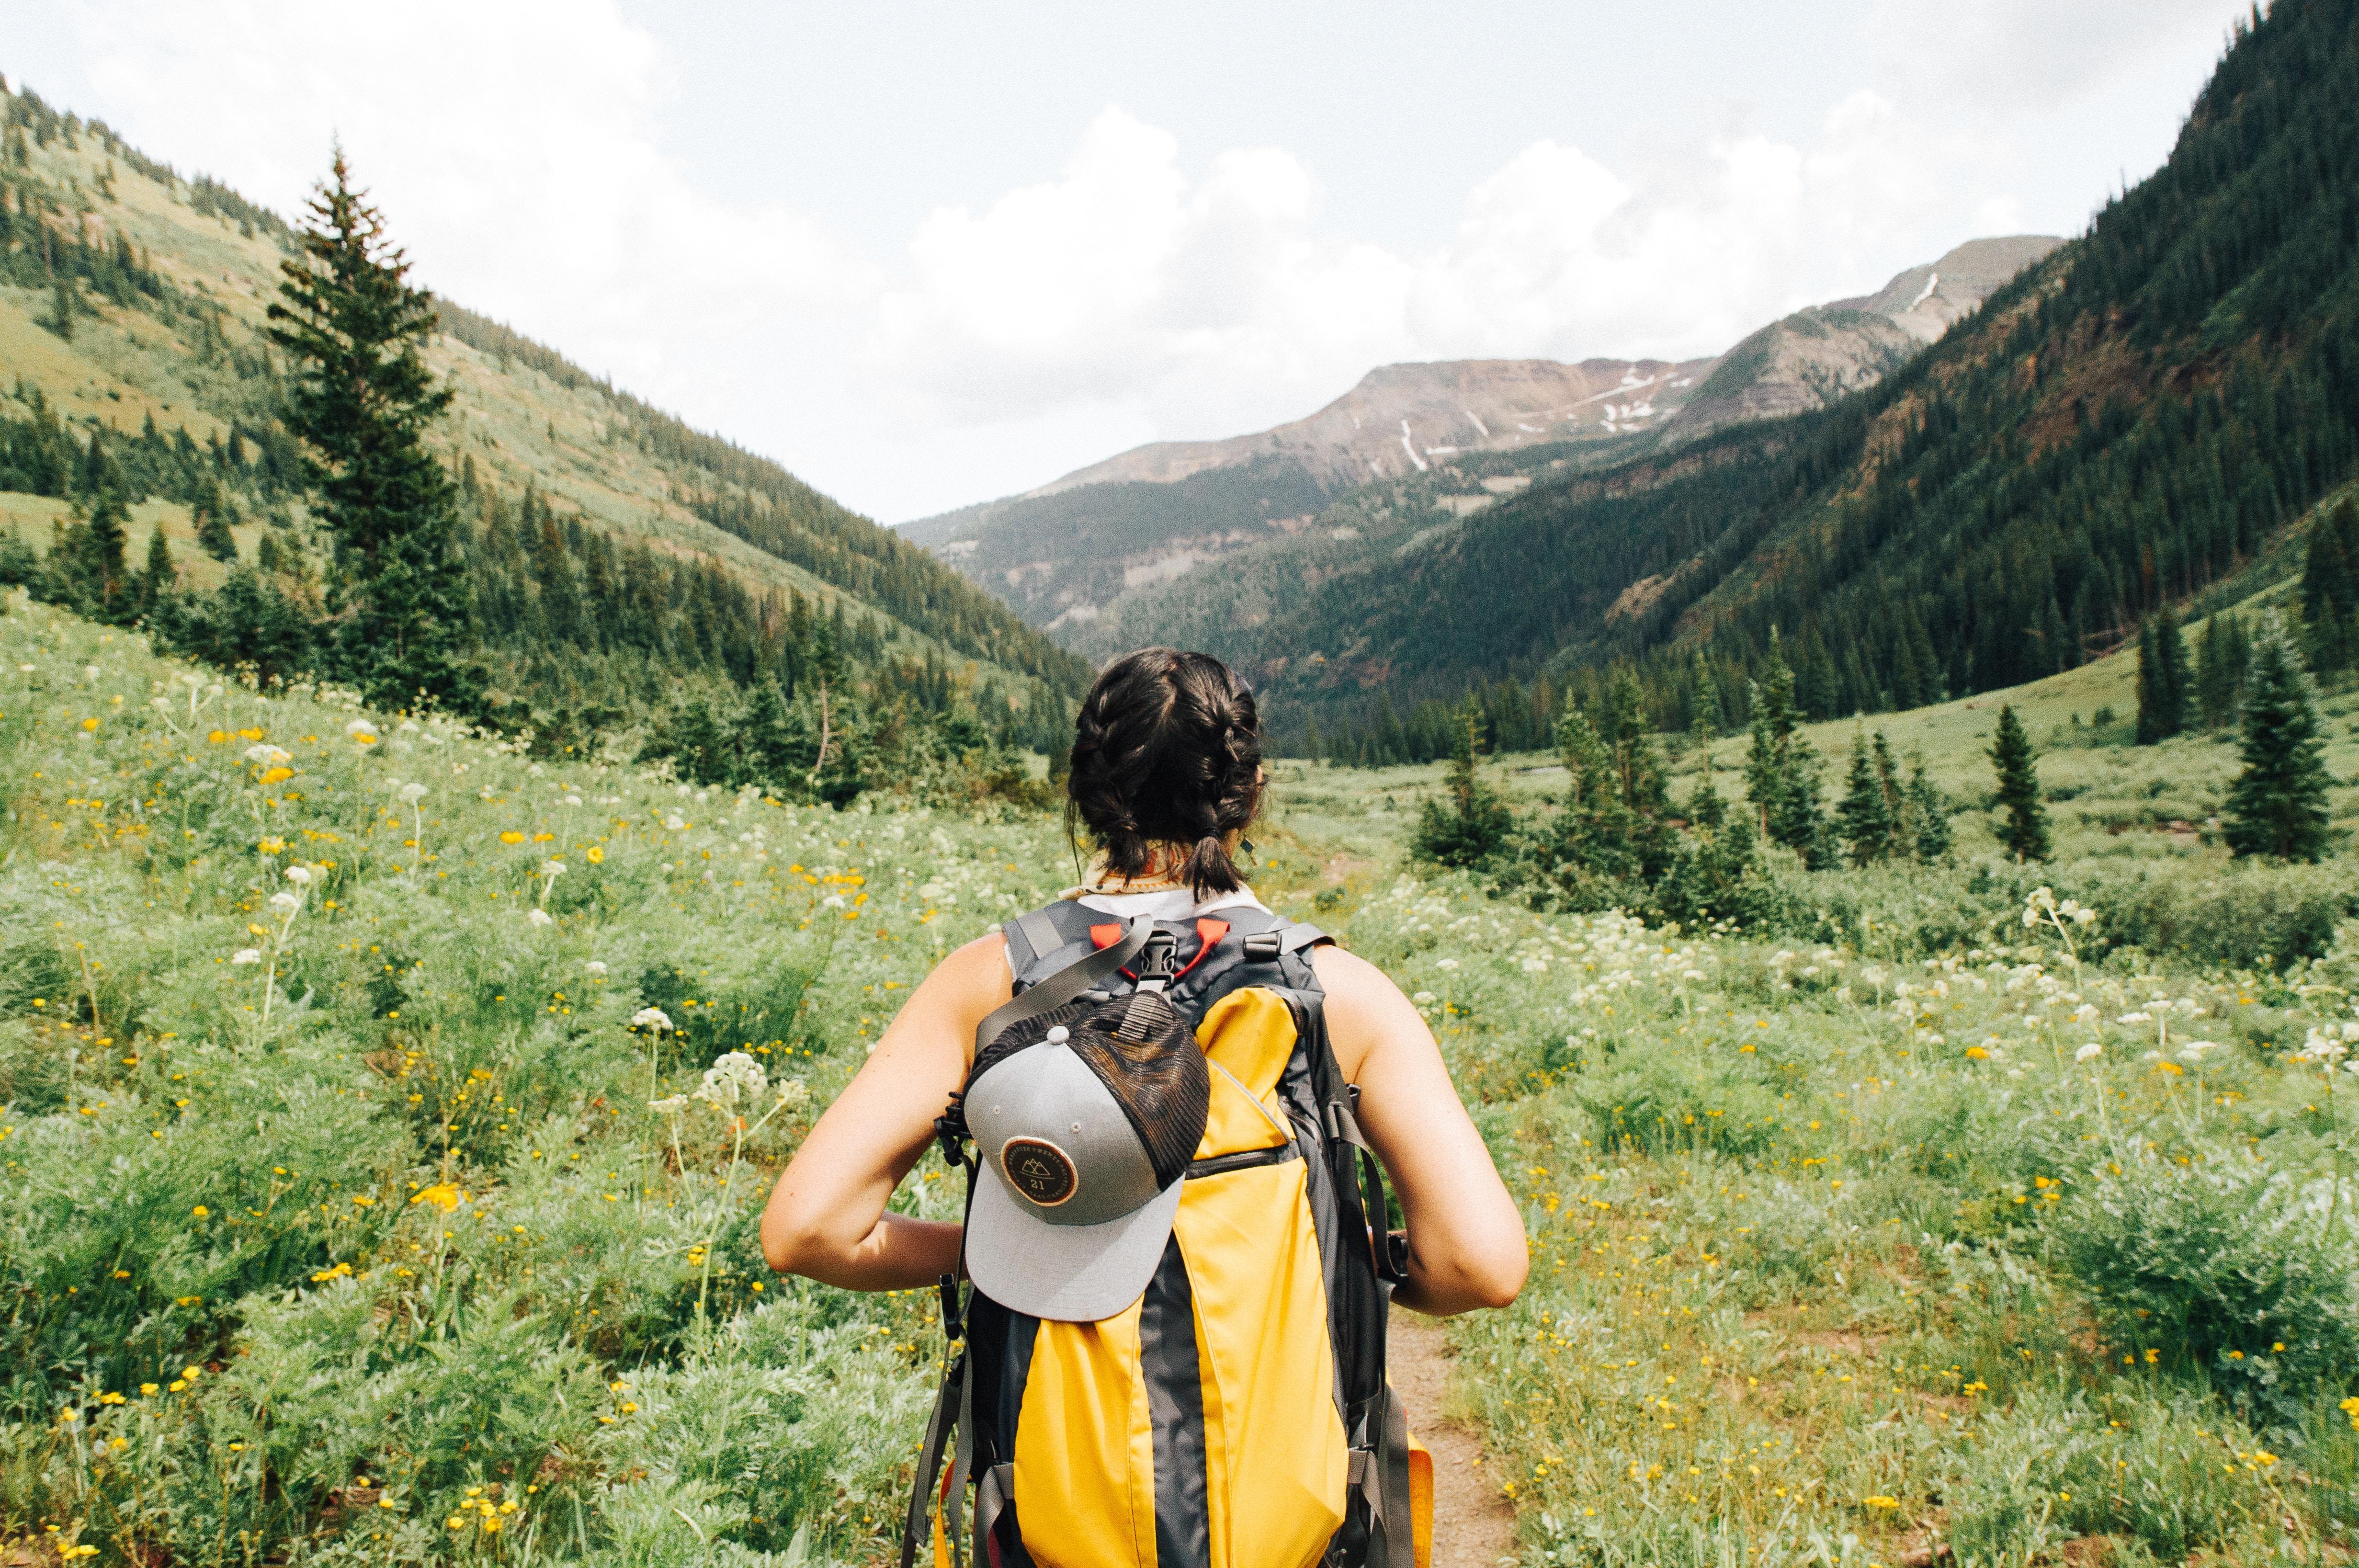 大野山で登山を楽しもう!コースやキャンプ場など見どころも一挙紹介